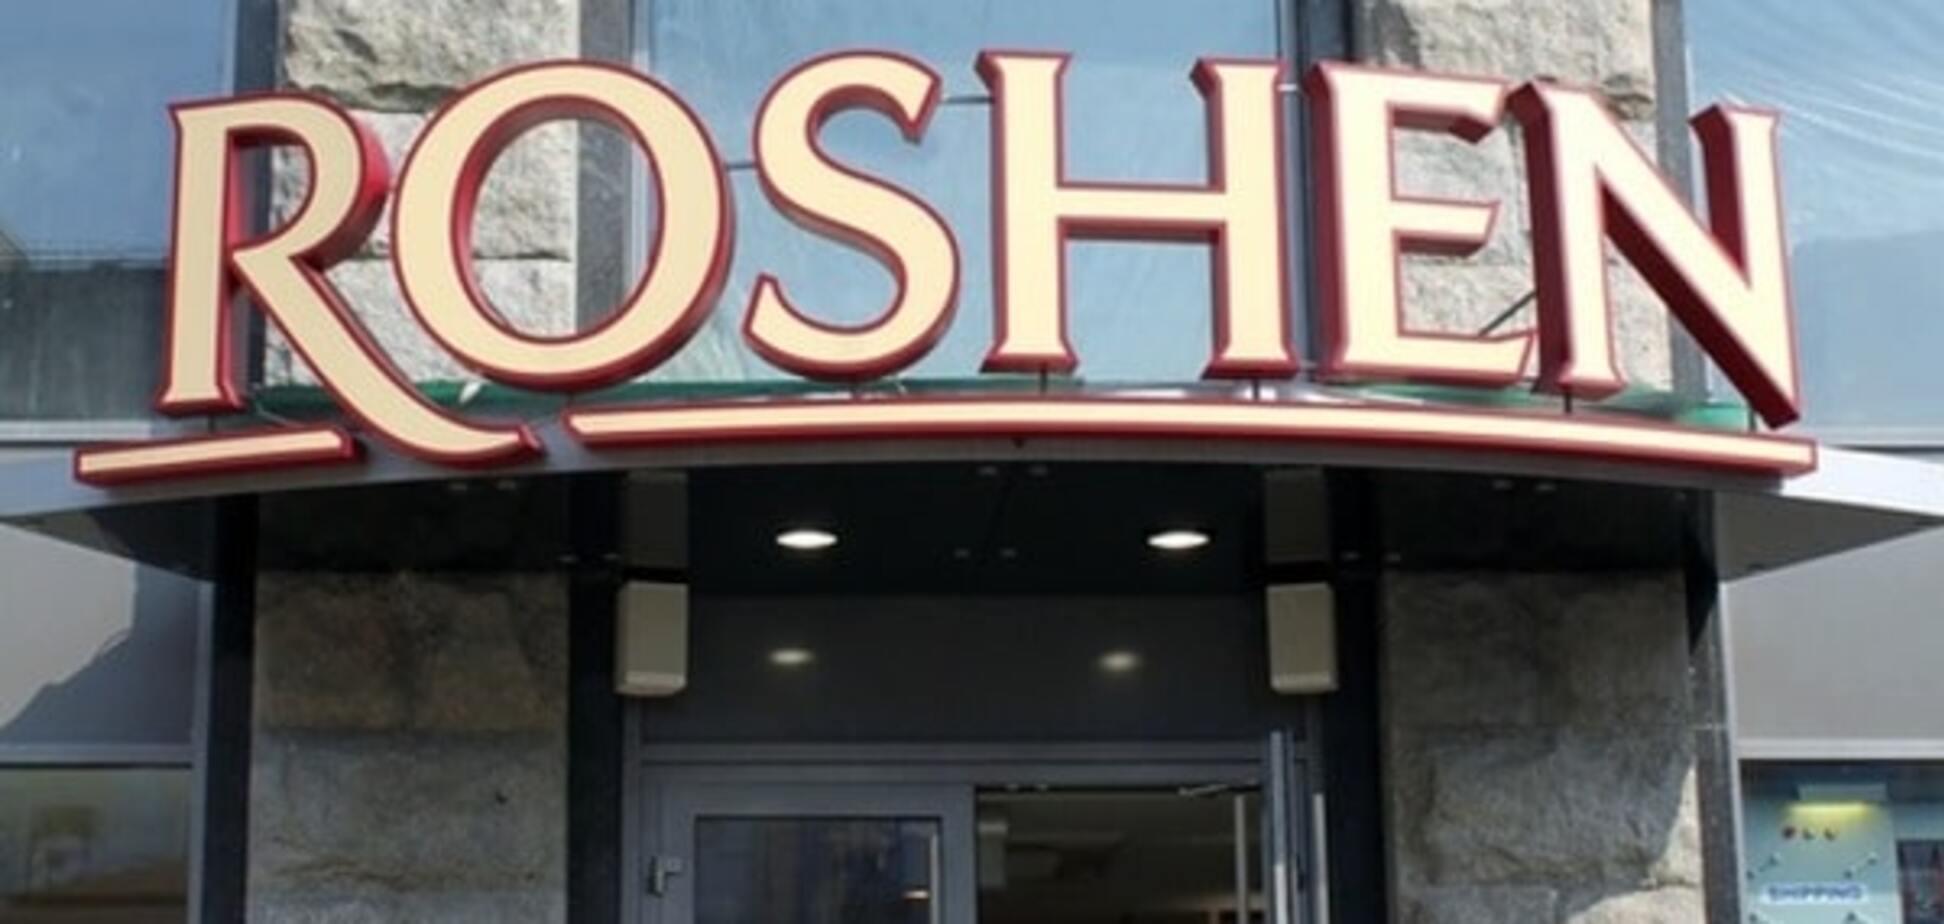 Мінування 'Рошен' у Києві: в ДСНС повідомили подробиці